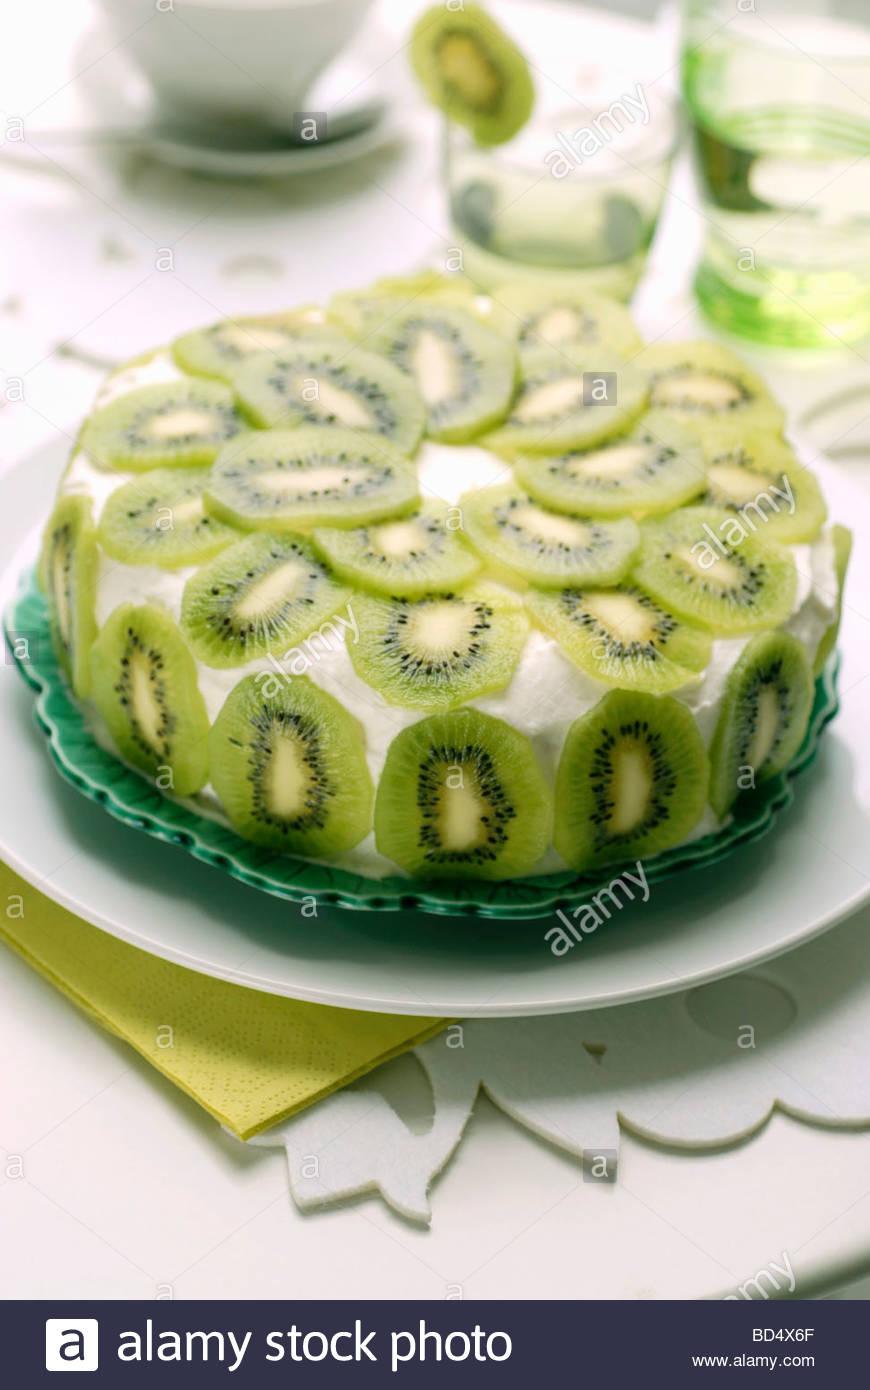 kiwi fruit cake stock photo: 25309271 - alamy